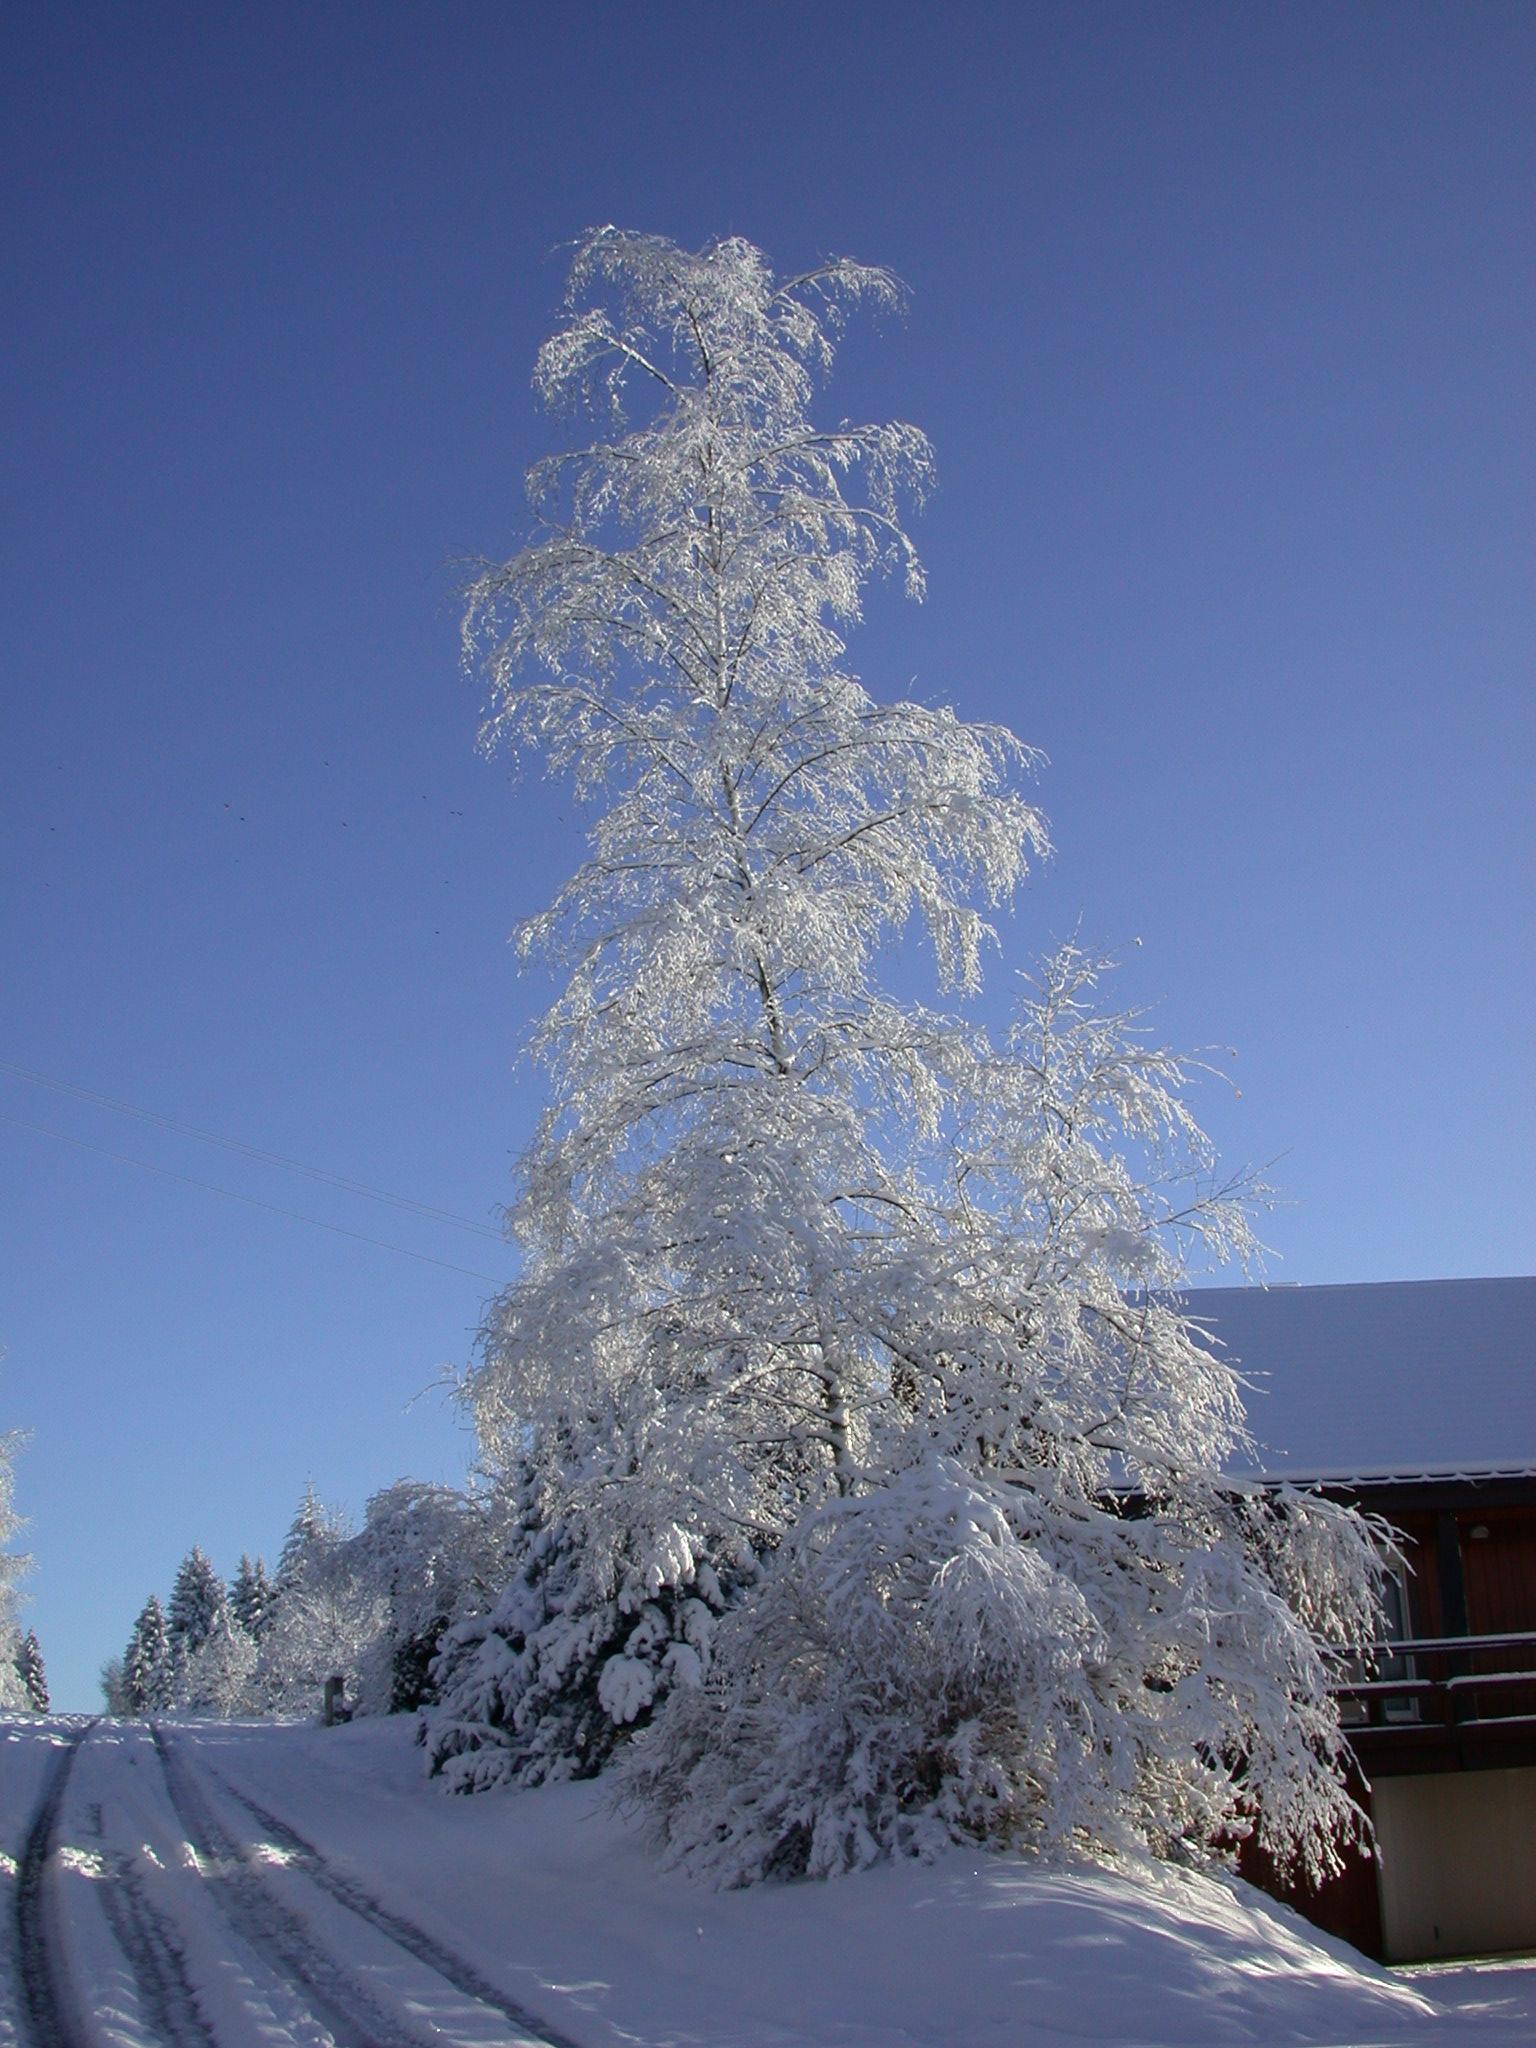 la végétation chargé de neige l'hiver